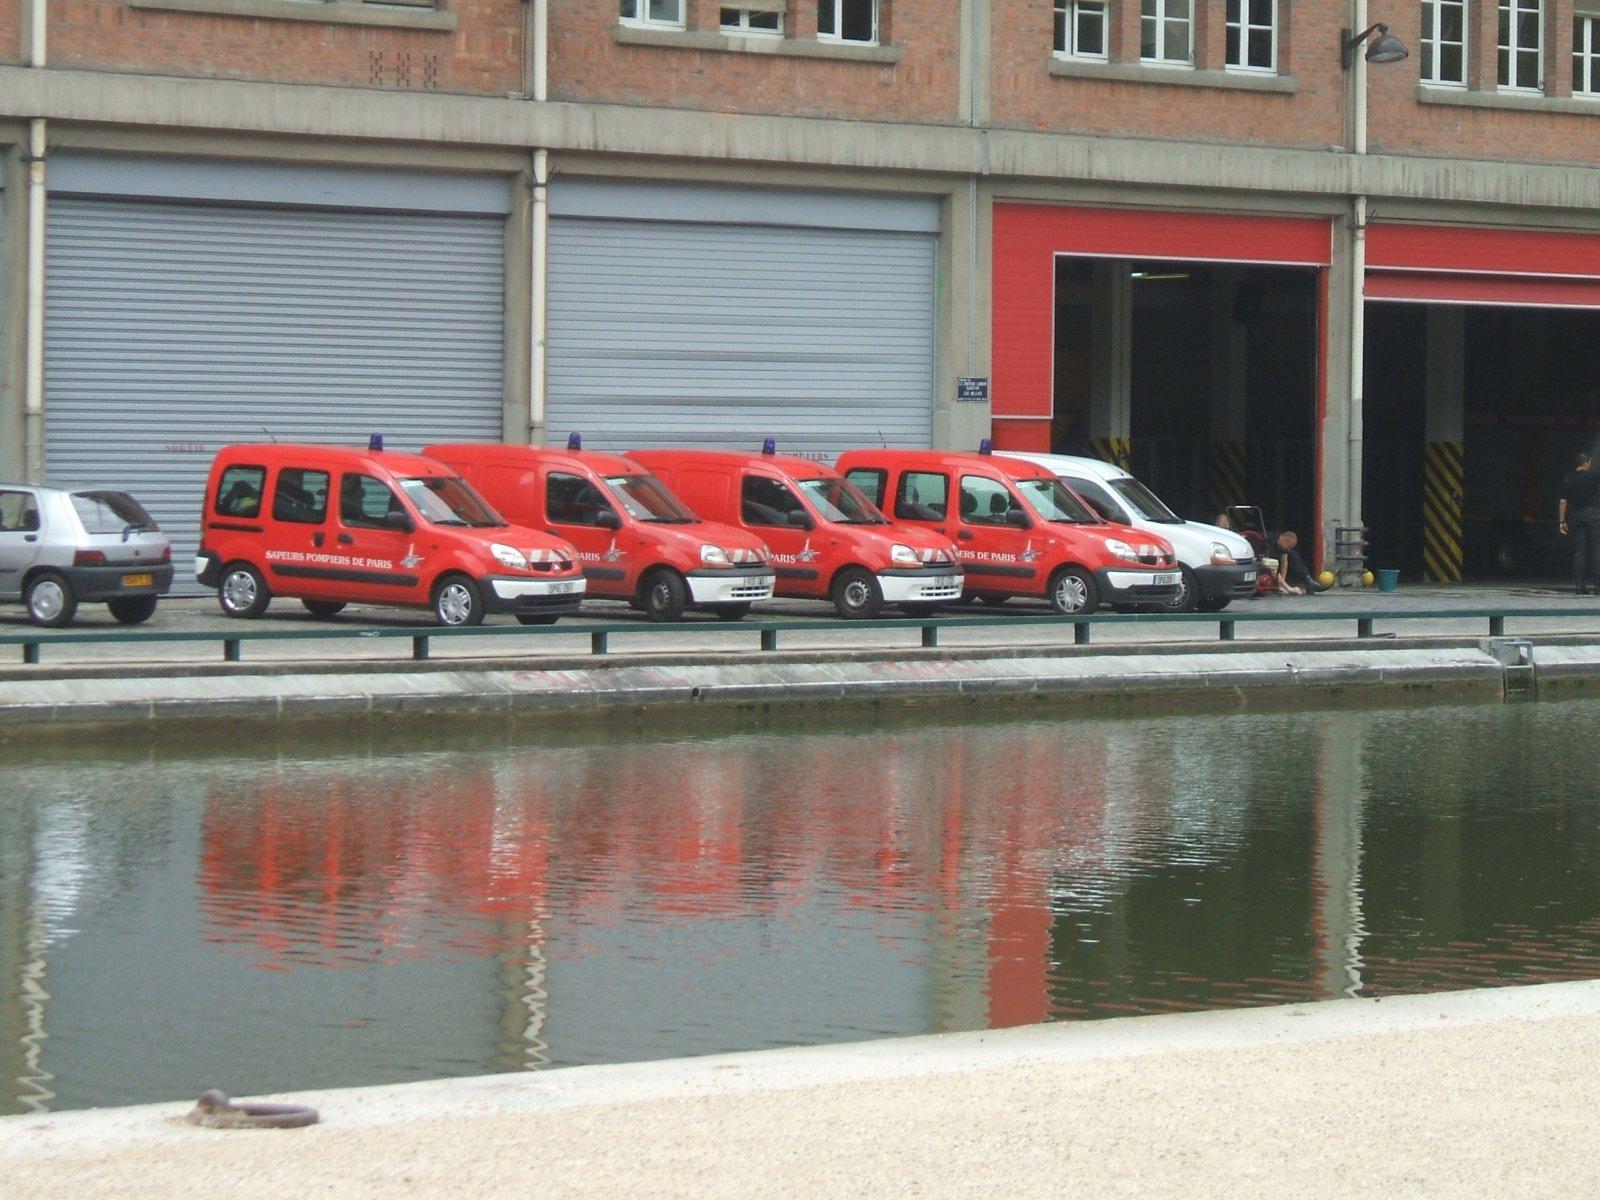 V hicules des pompiers fran ais page 65 auto titre for Garage htm marignane